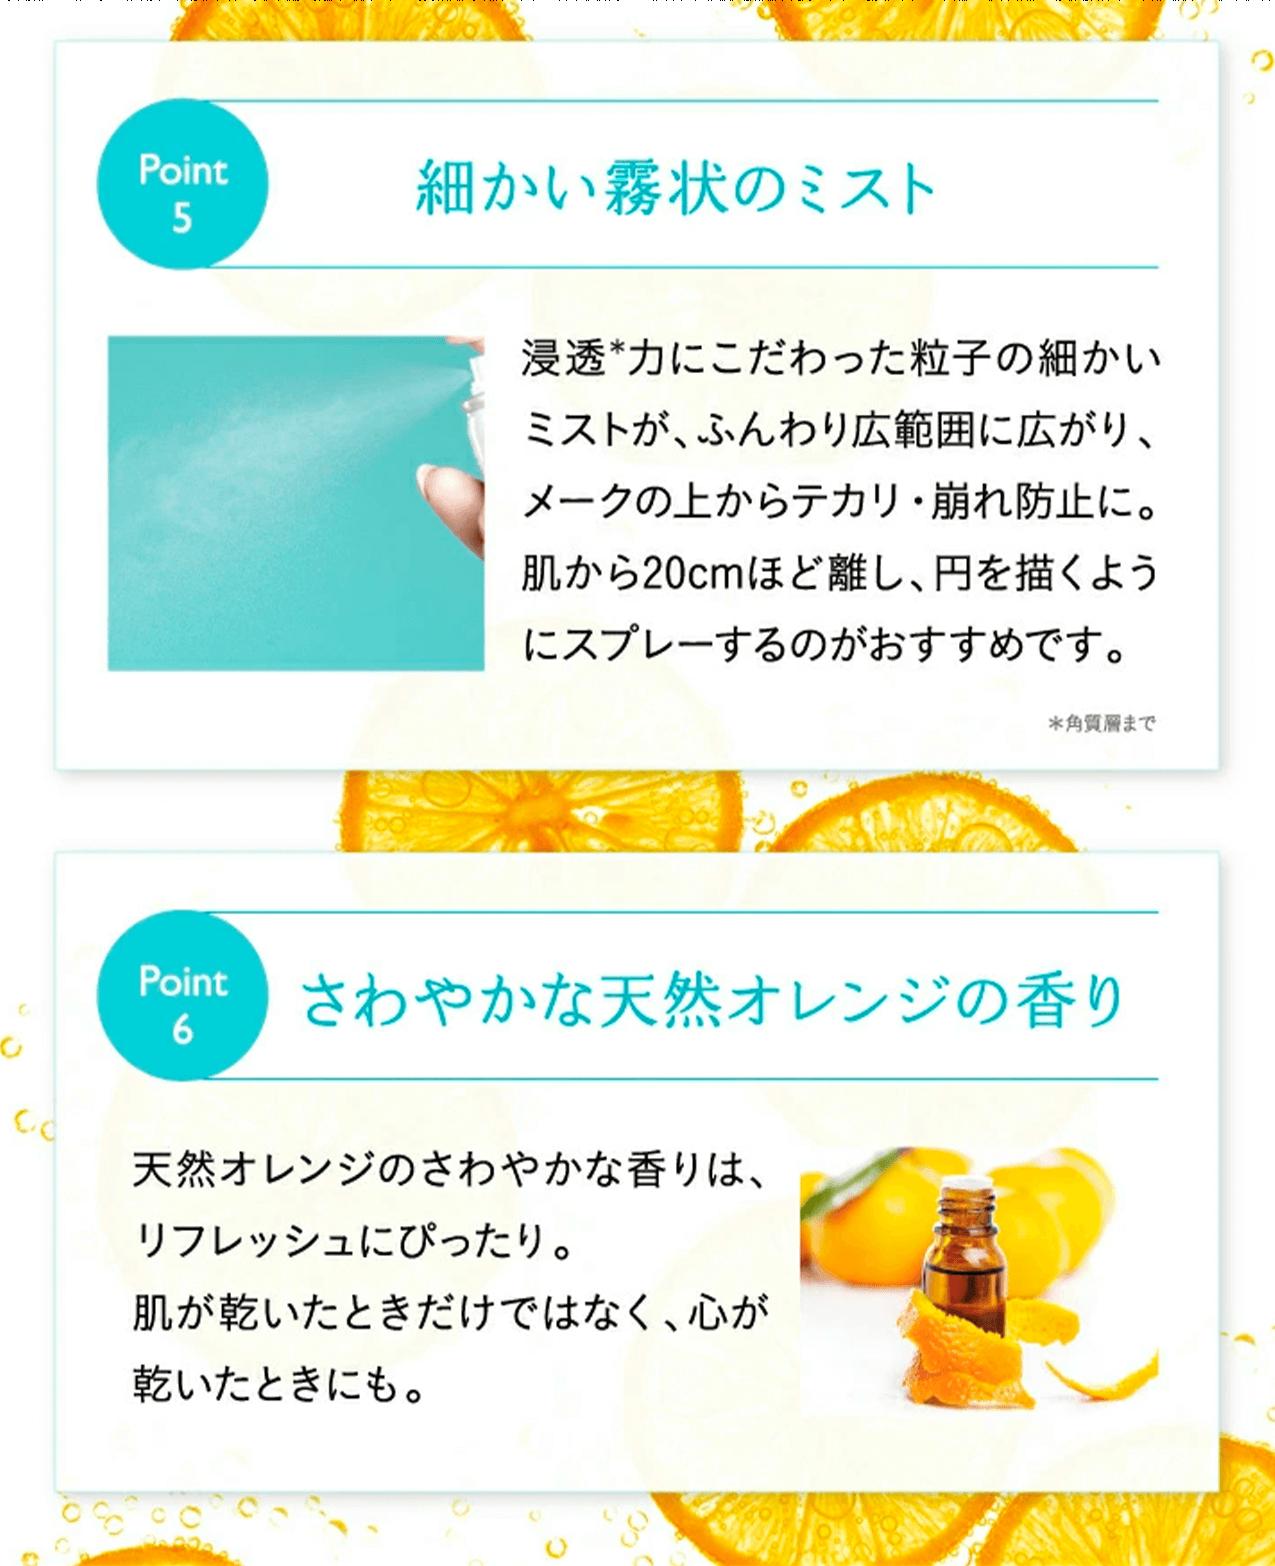 Point5 細かい霧状のミスト、Point6 さわやかな天然オレンジの香り